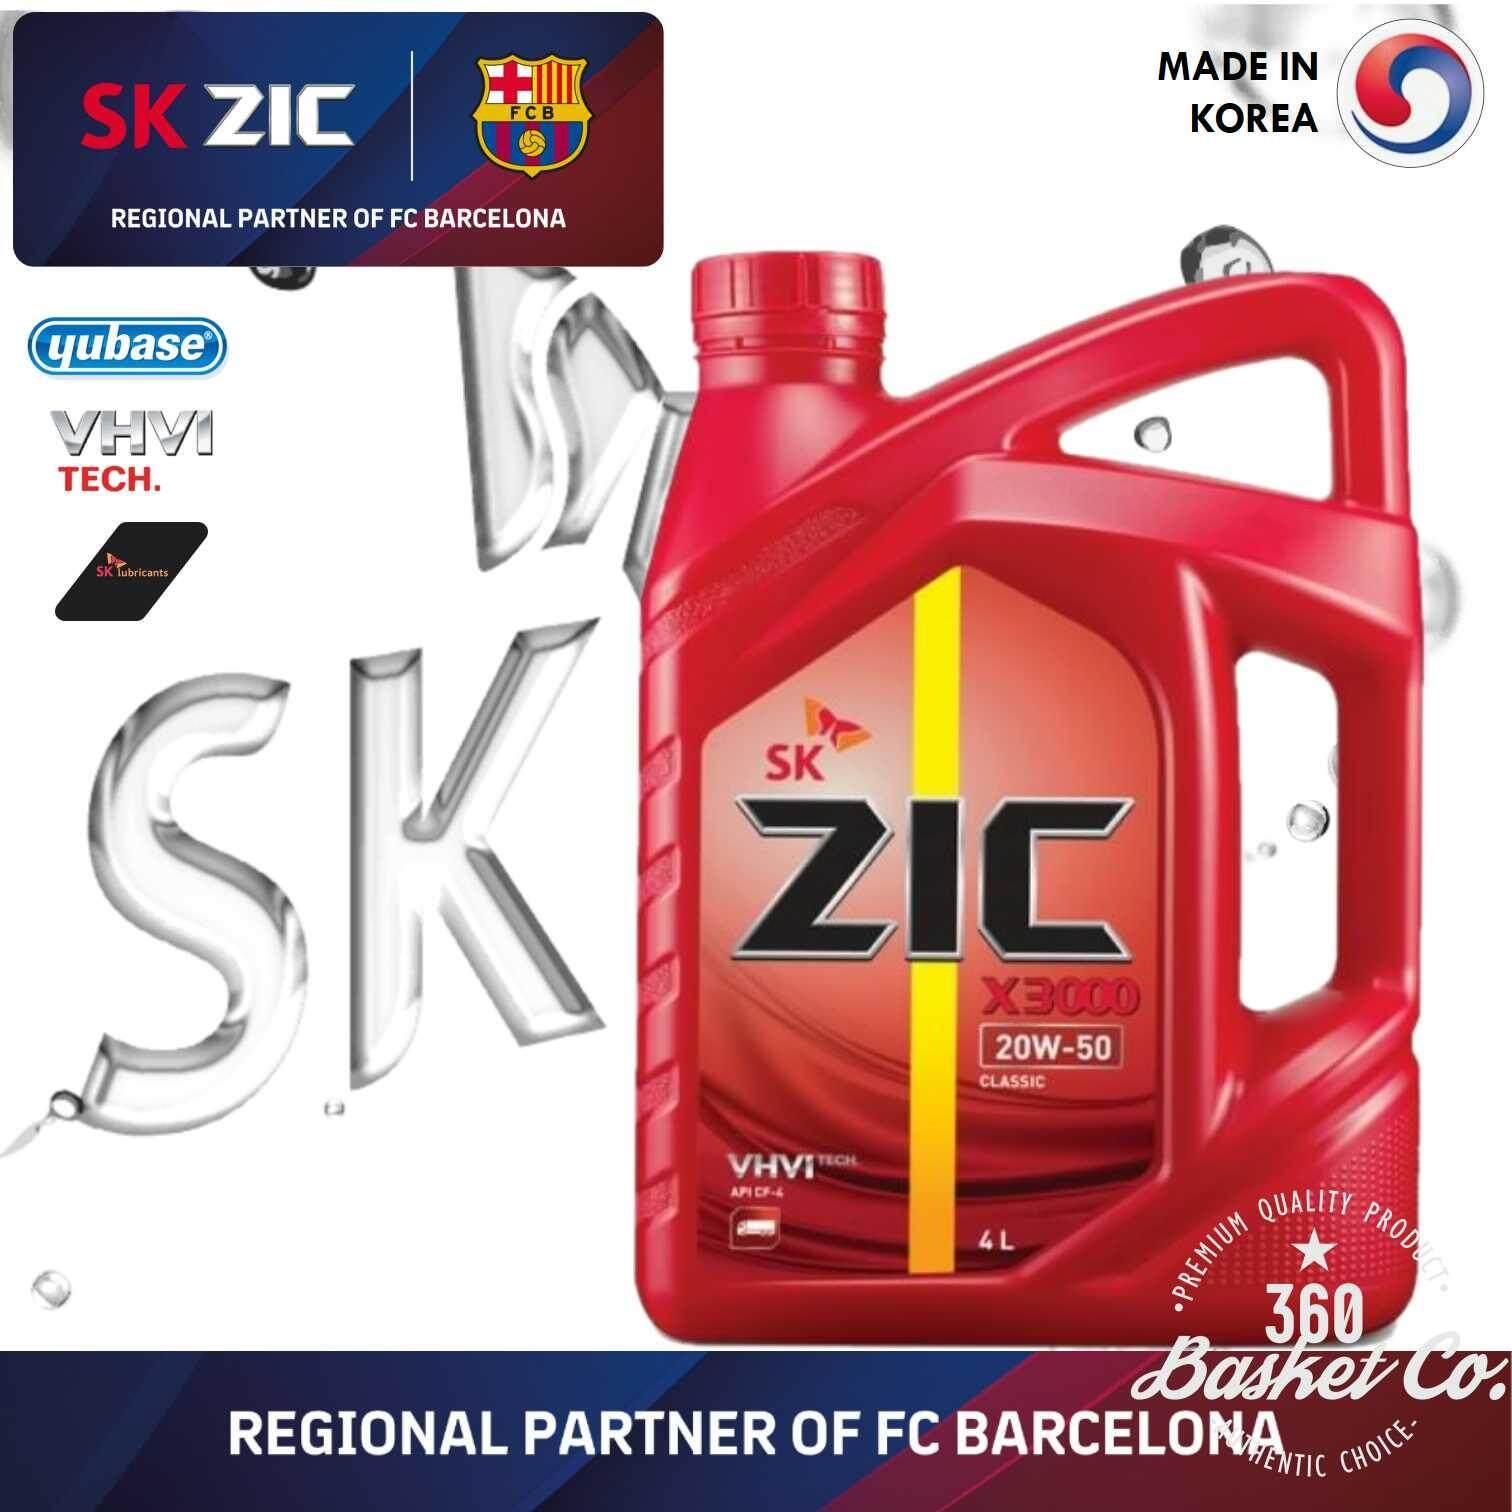 SK ZIC X3 20W50 (4L) ENGINE OIL [KOREA]